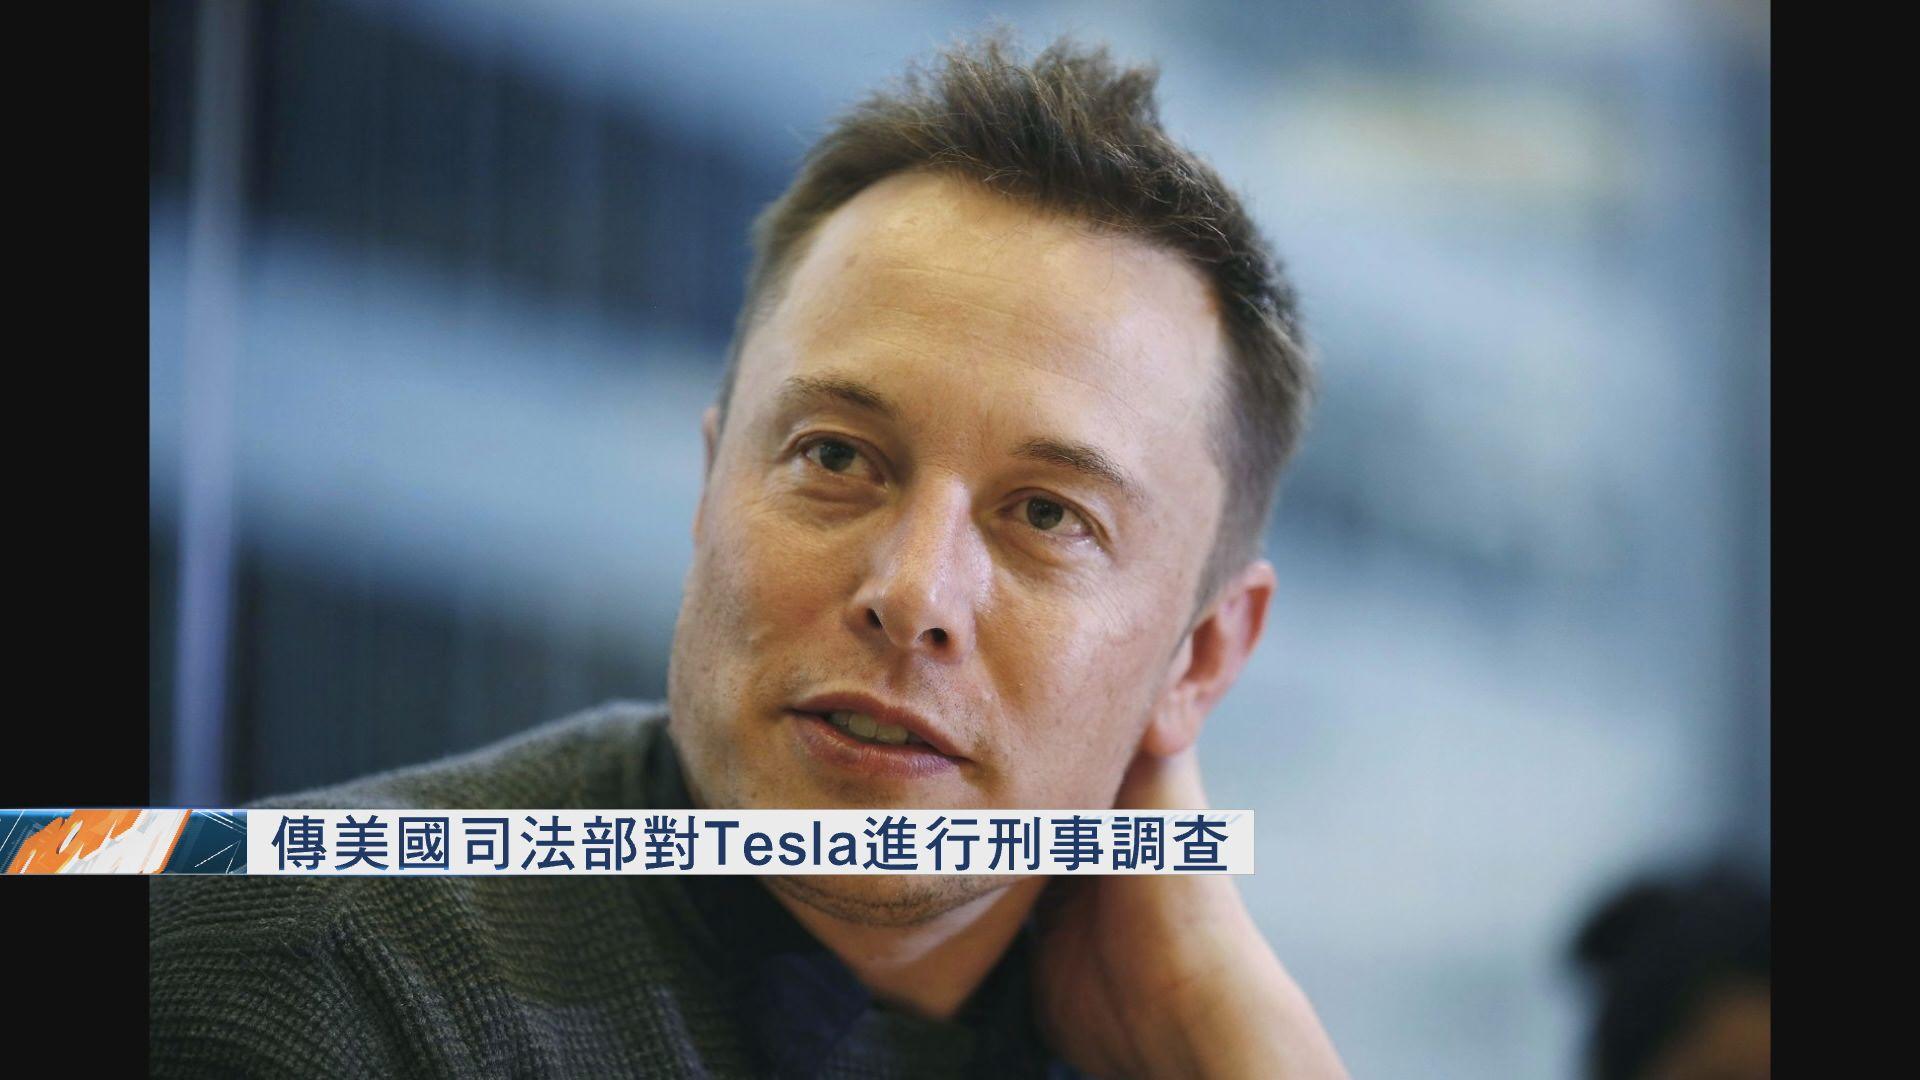 傳美國司法部對Tesla進行刑事調查